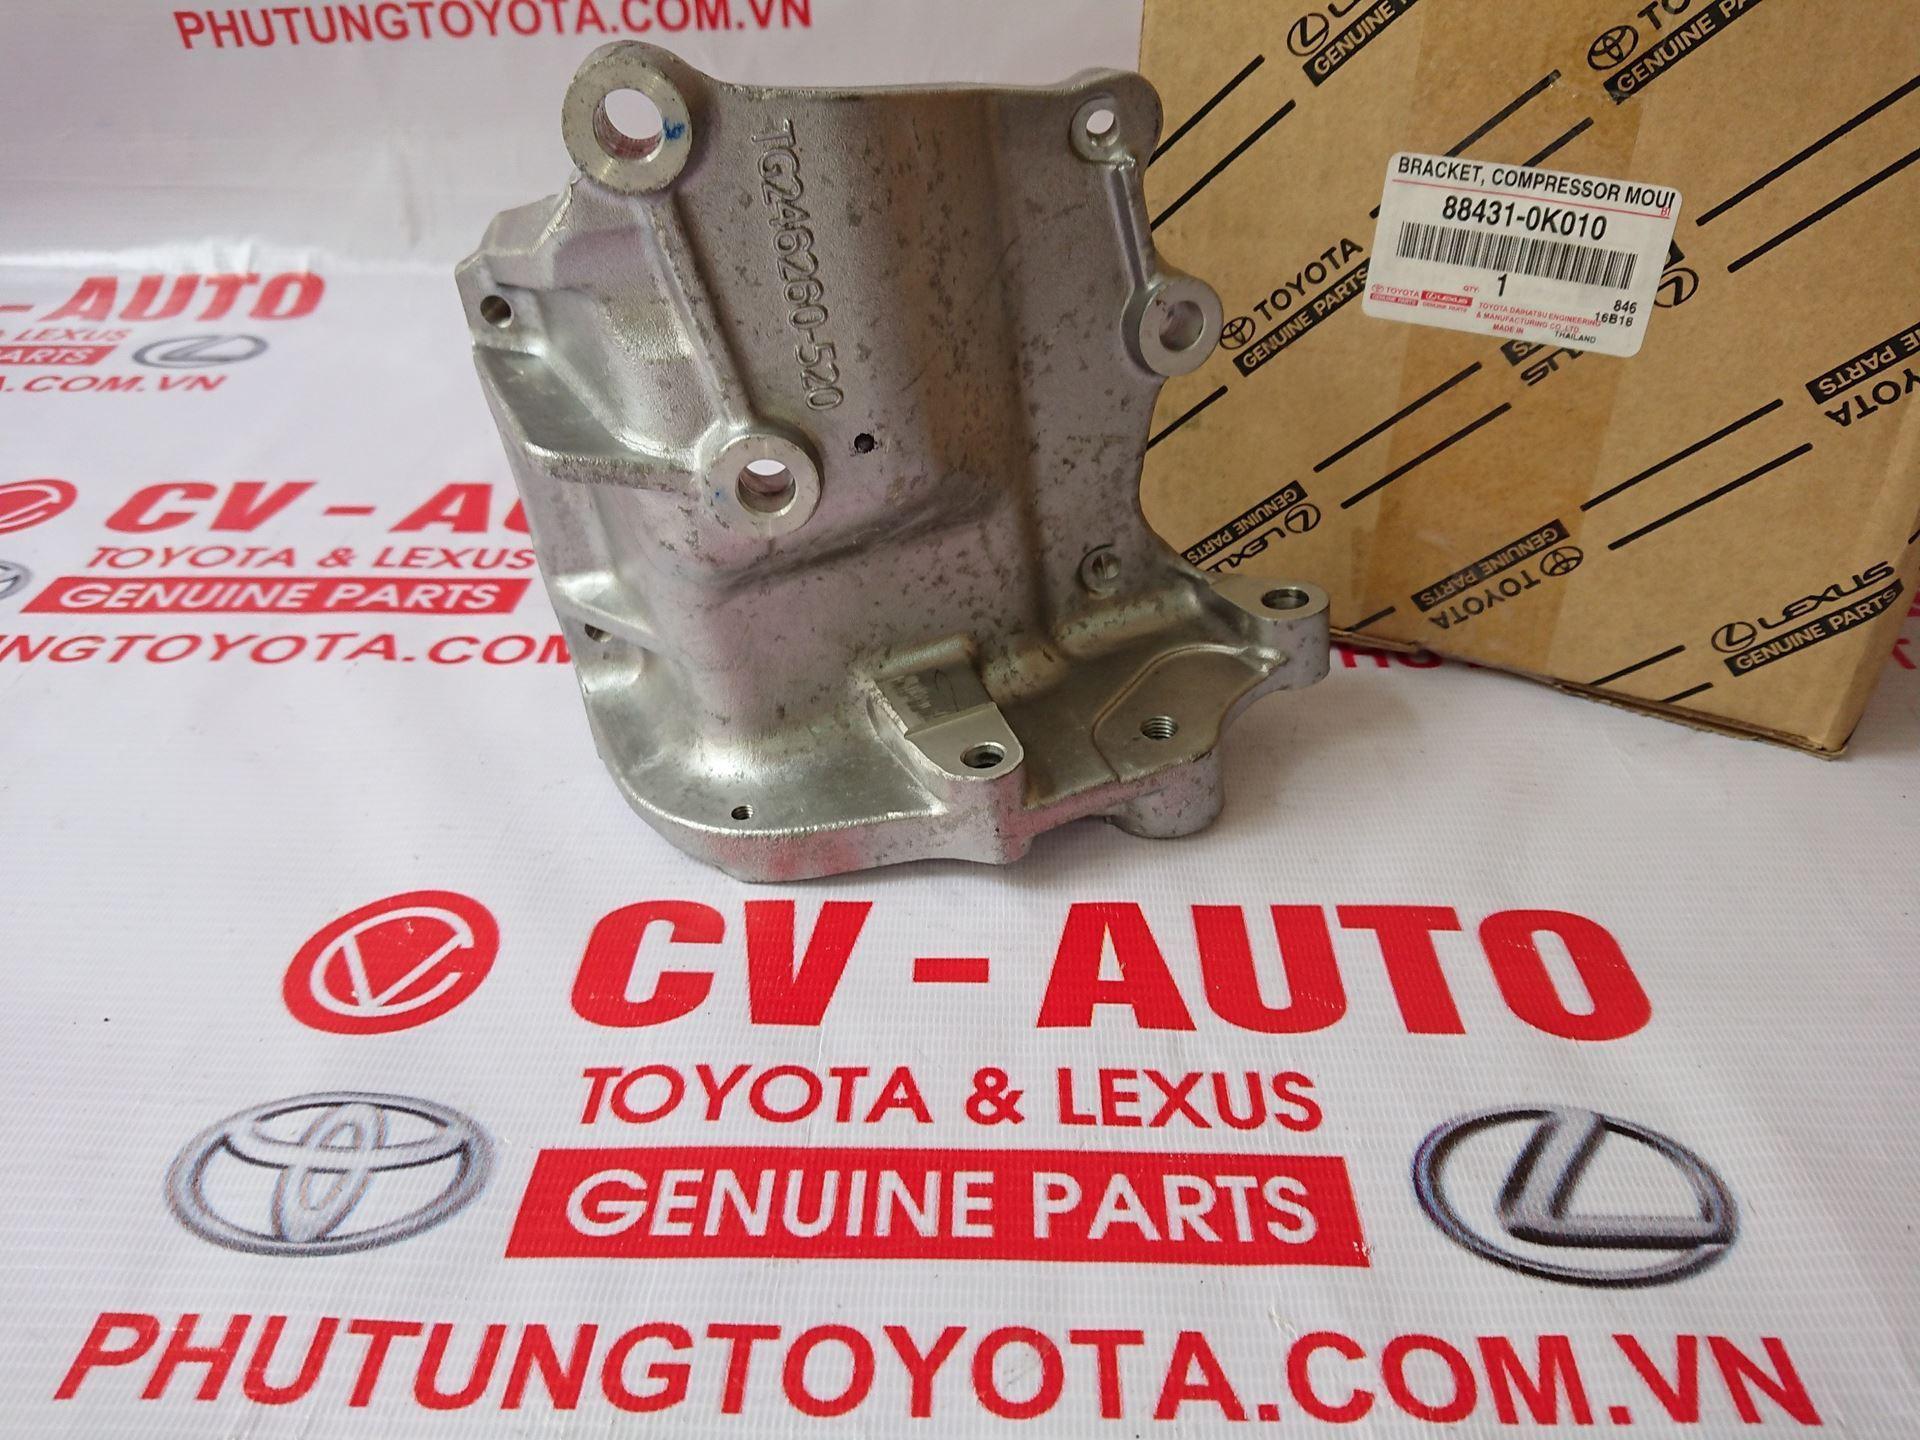 Picture of 88431-0K010 Giá bắt lốc điều hòa Toyota Innova, Fortuner chính hãng